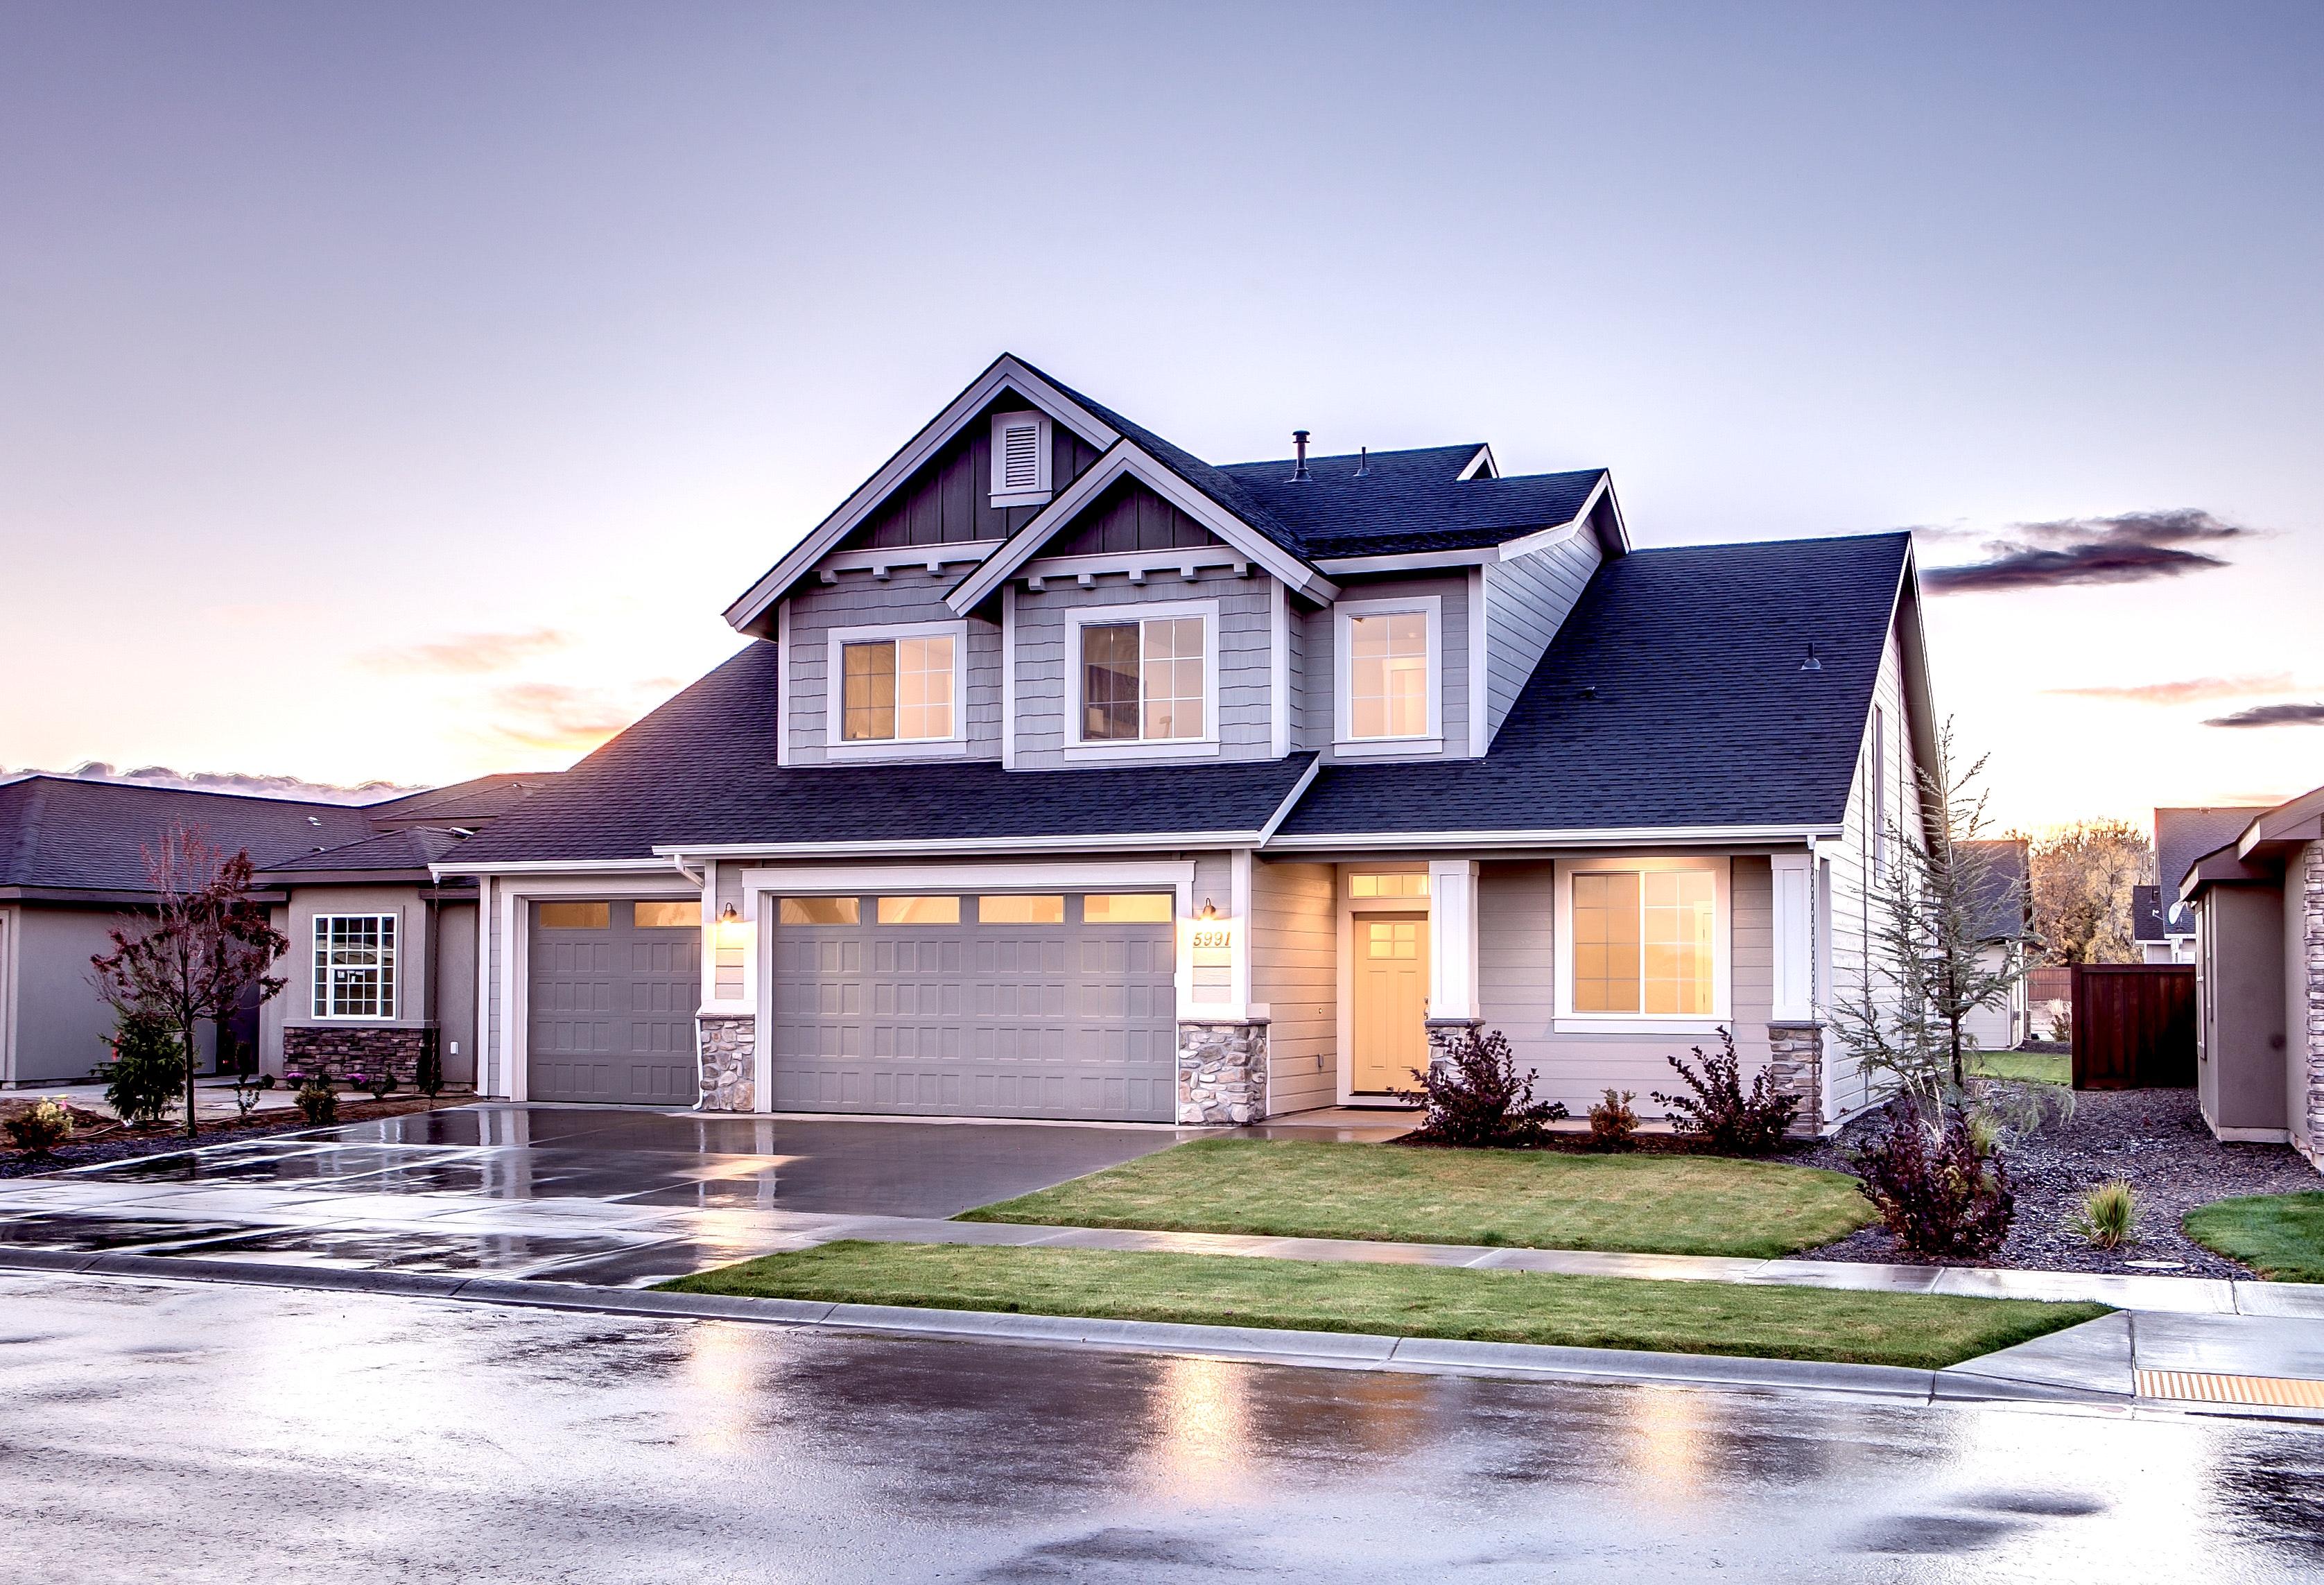 model home 3 car garage